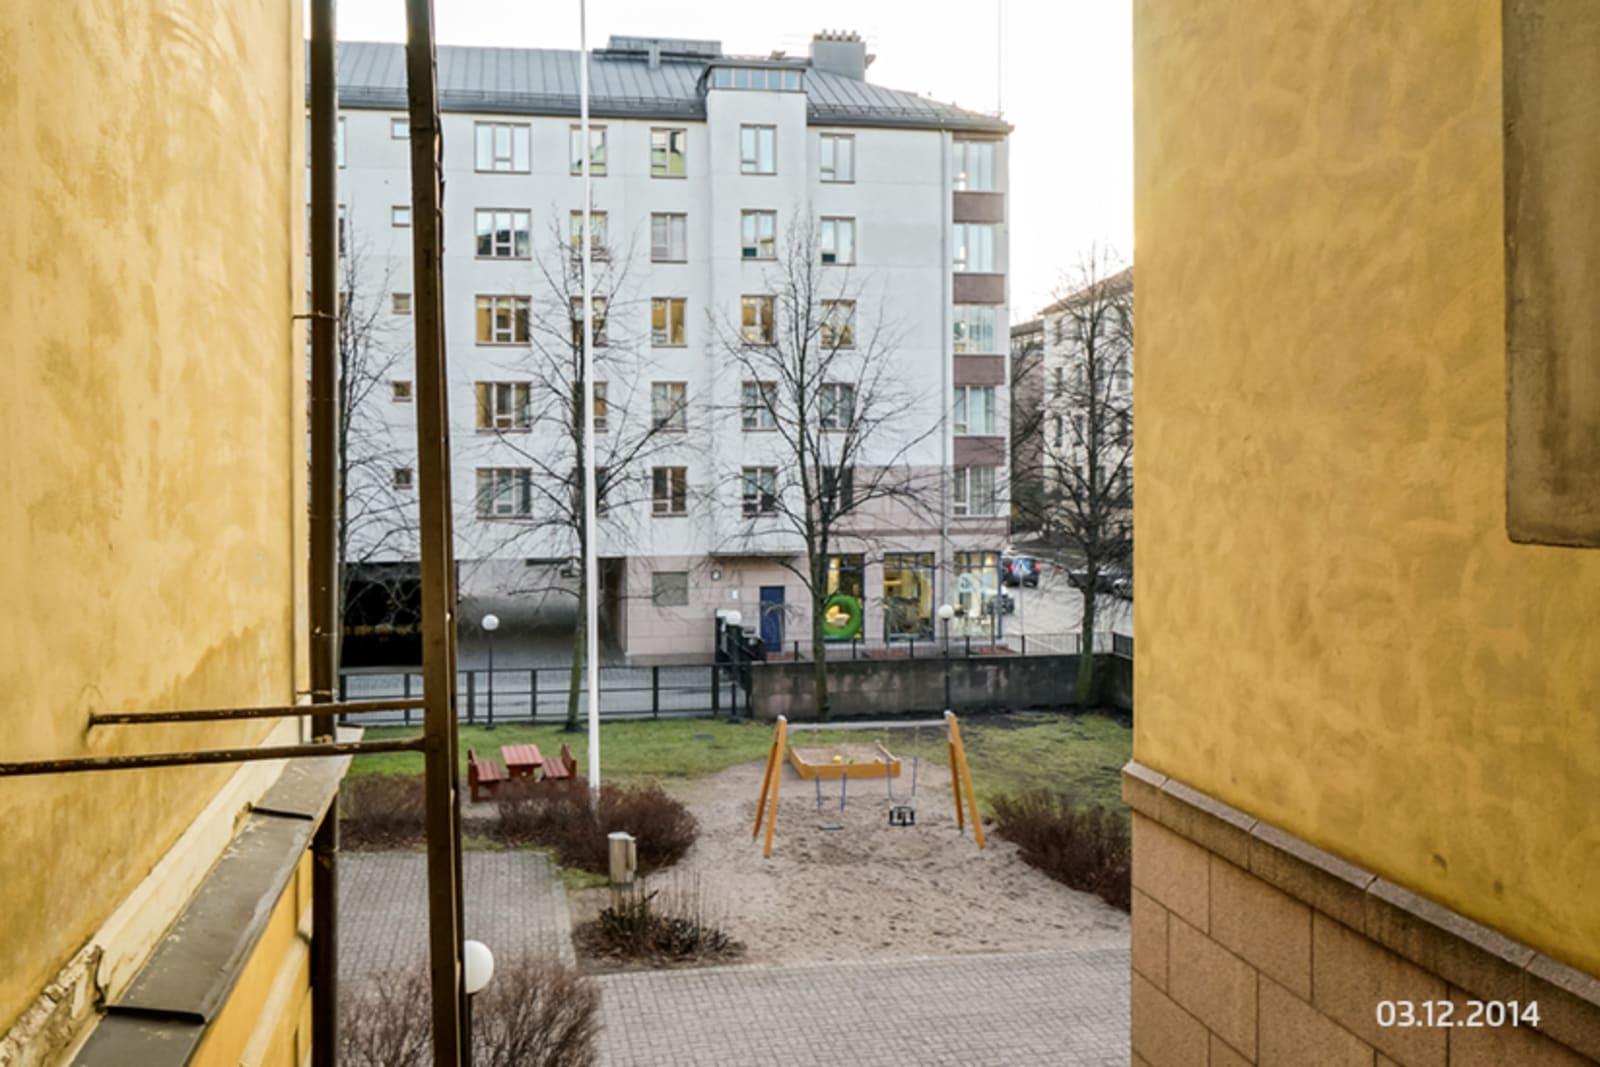 Helsinki, Kruununhaka, Snellmaninkatu 23 B 020